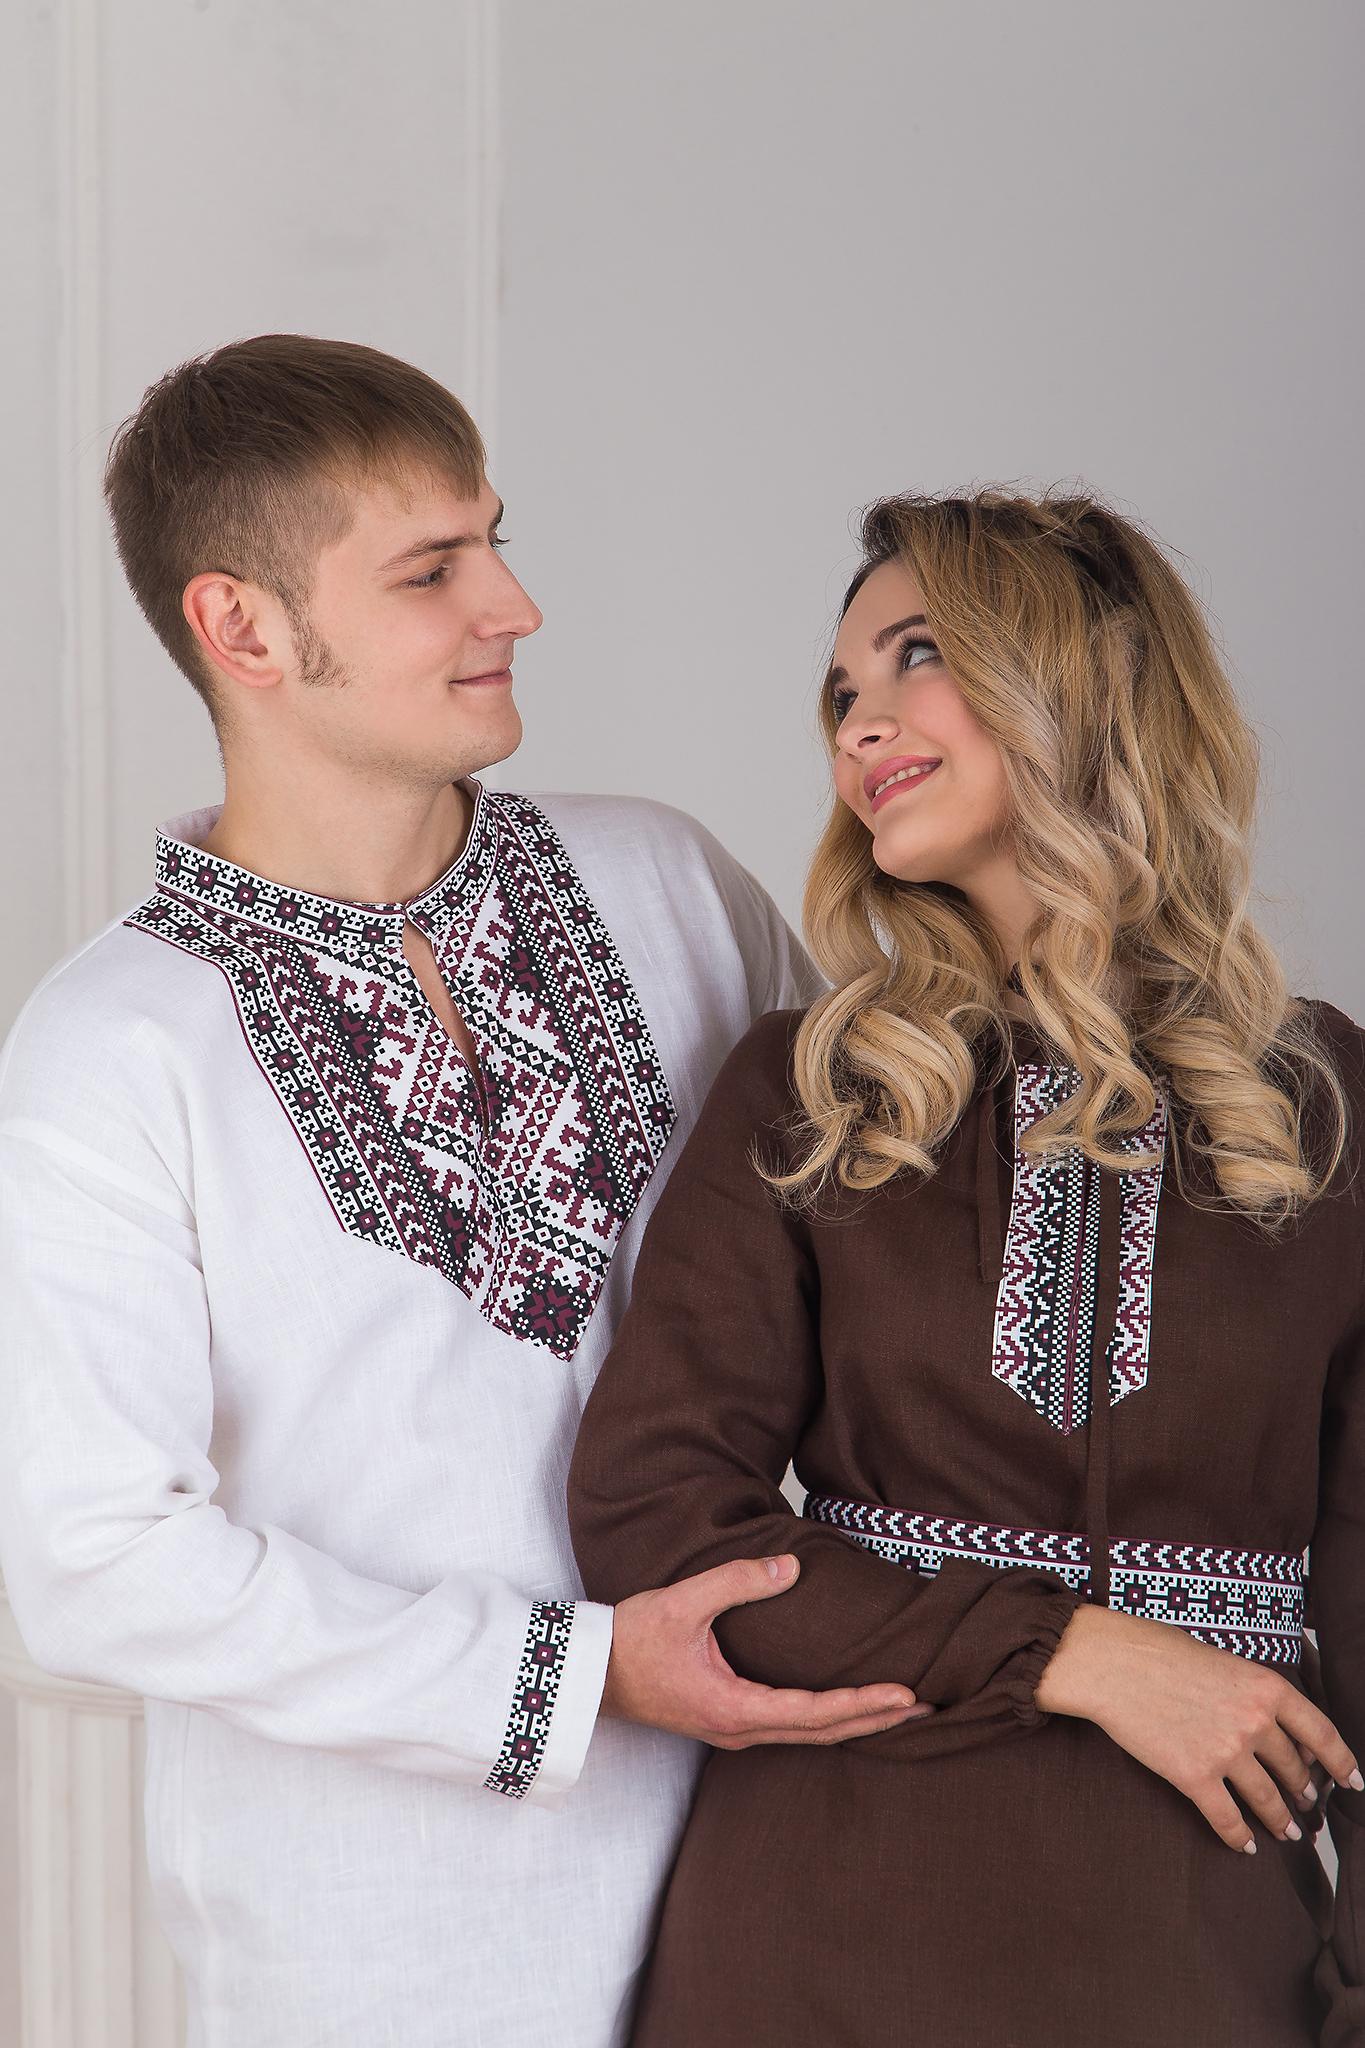 Славянская боевая рубаха увеличенный фрагмент